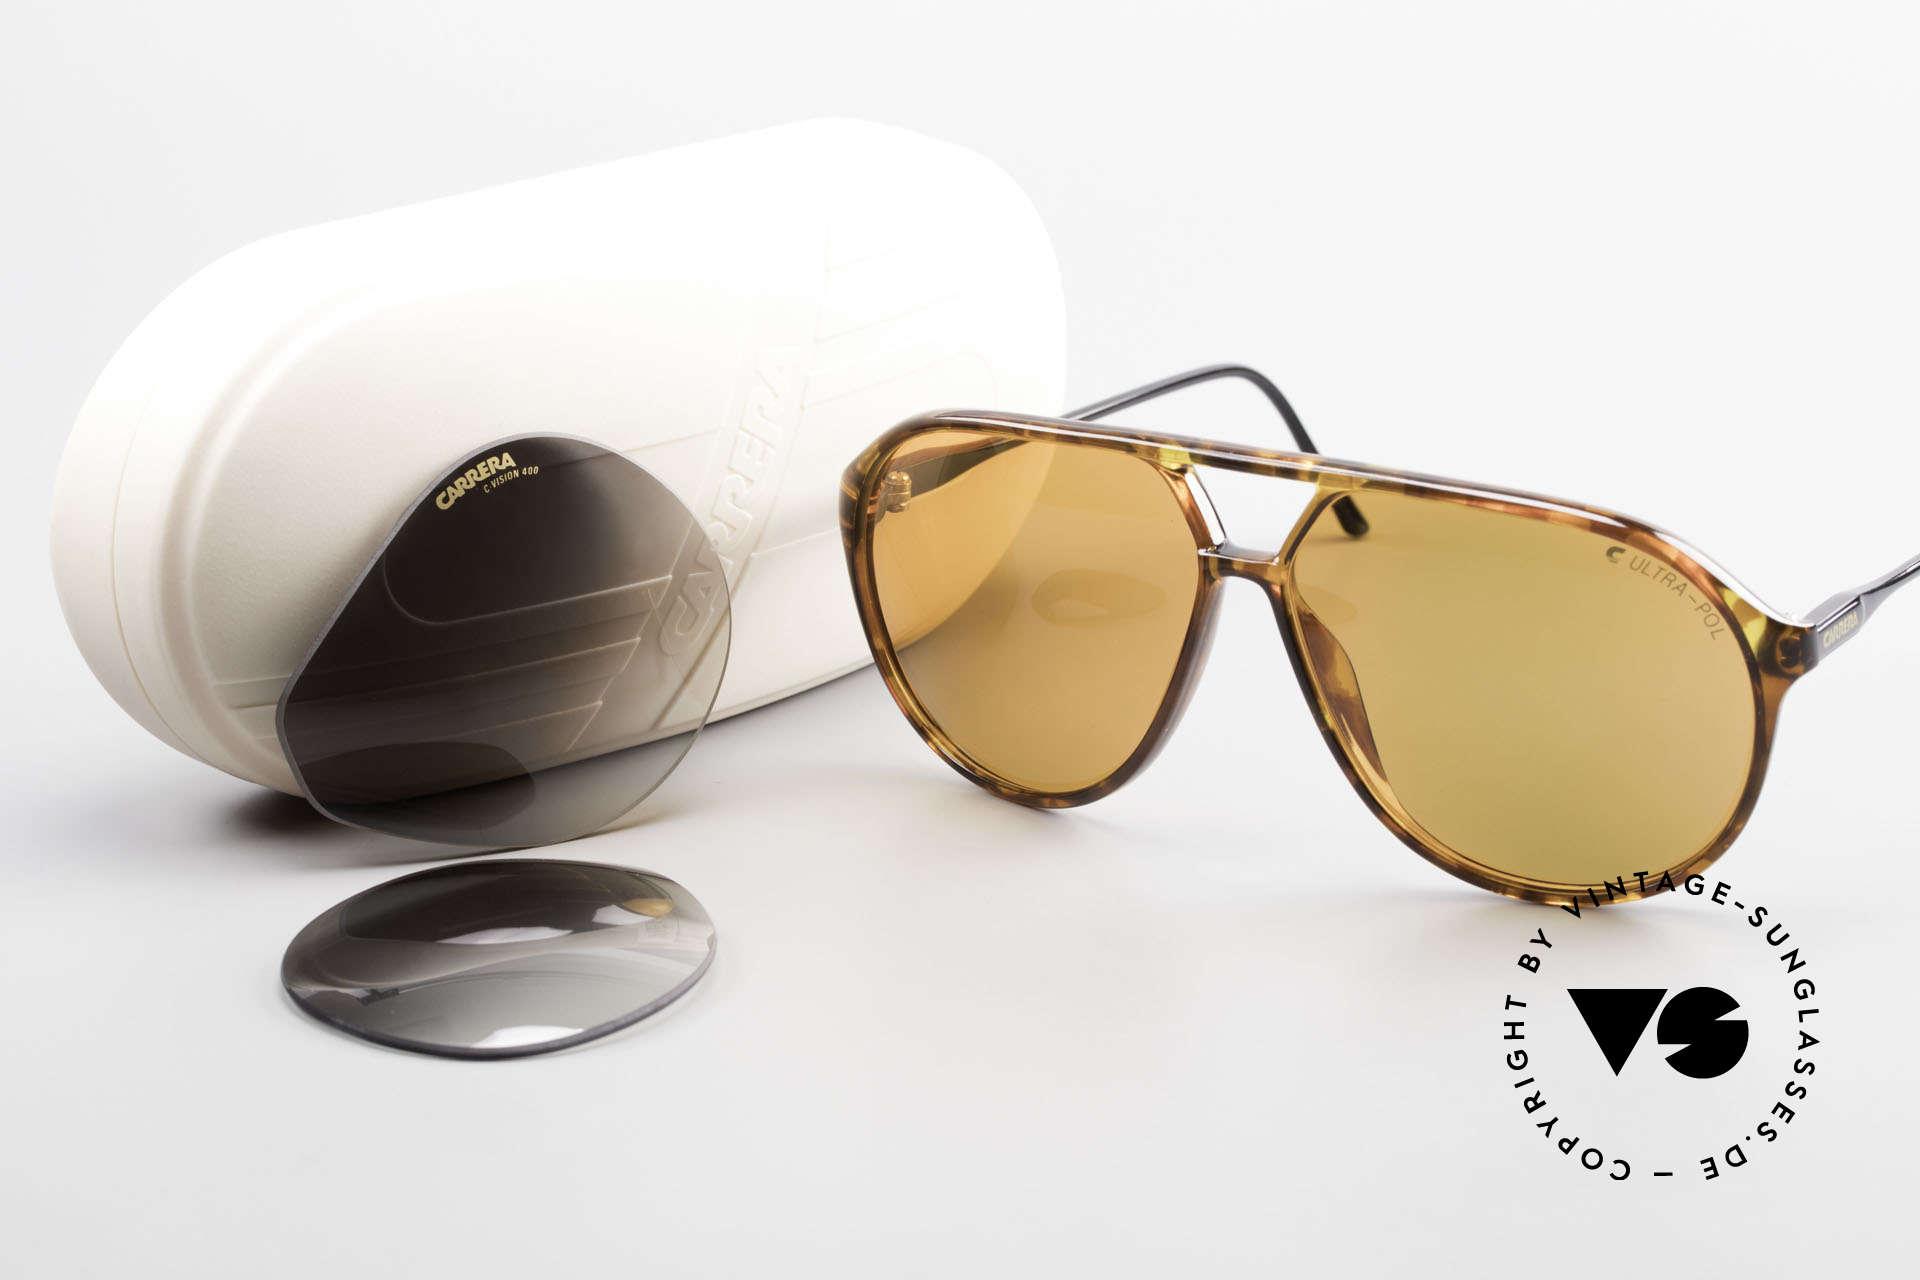 """Carrera 5425 Polarized Sunglasses Aviator, Robert De Niro wore such a model in the movie """"Casino"""", Made for Men"""